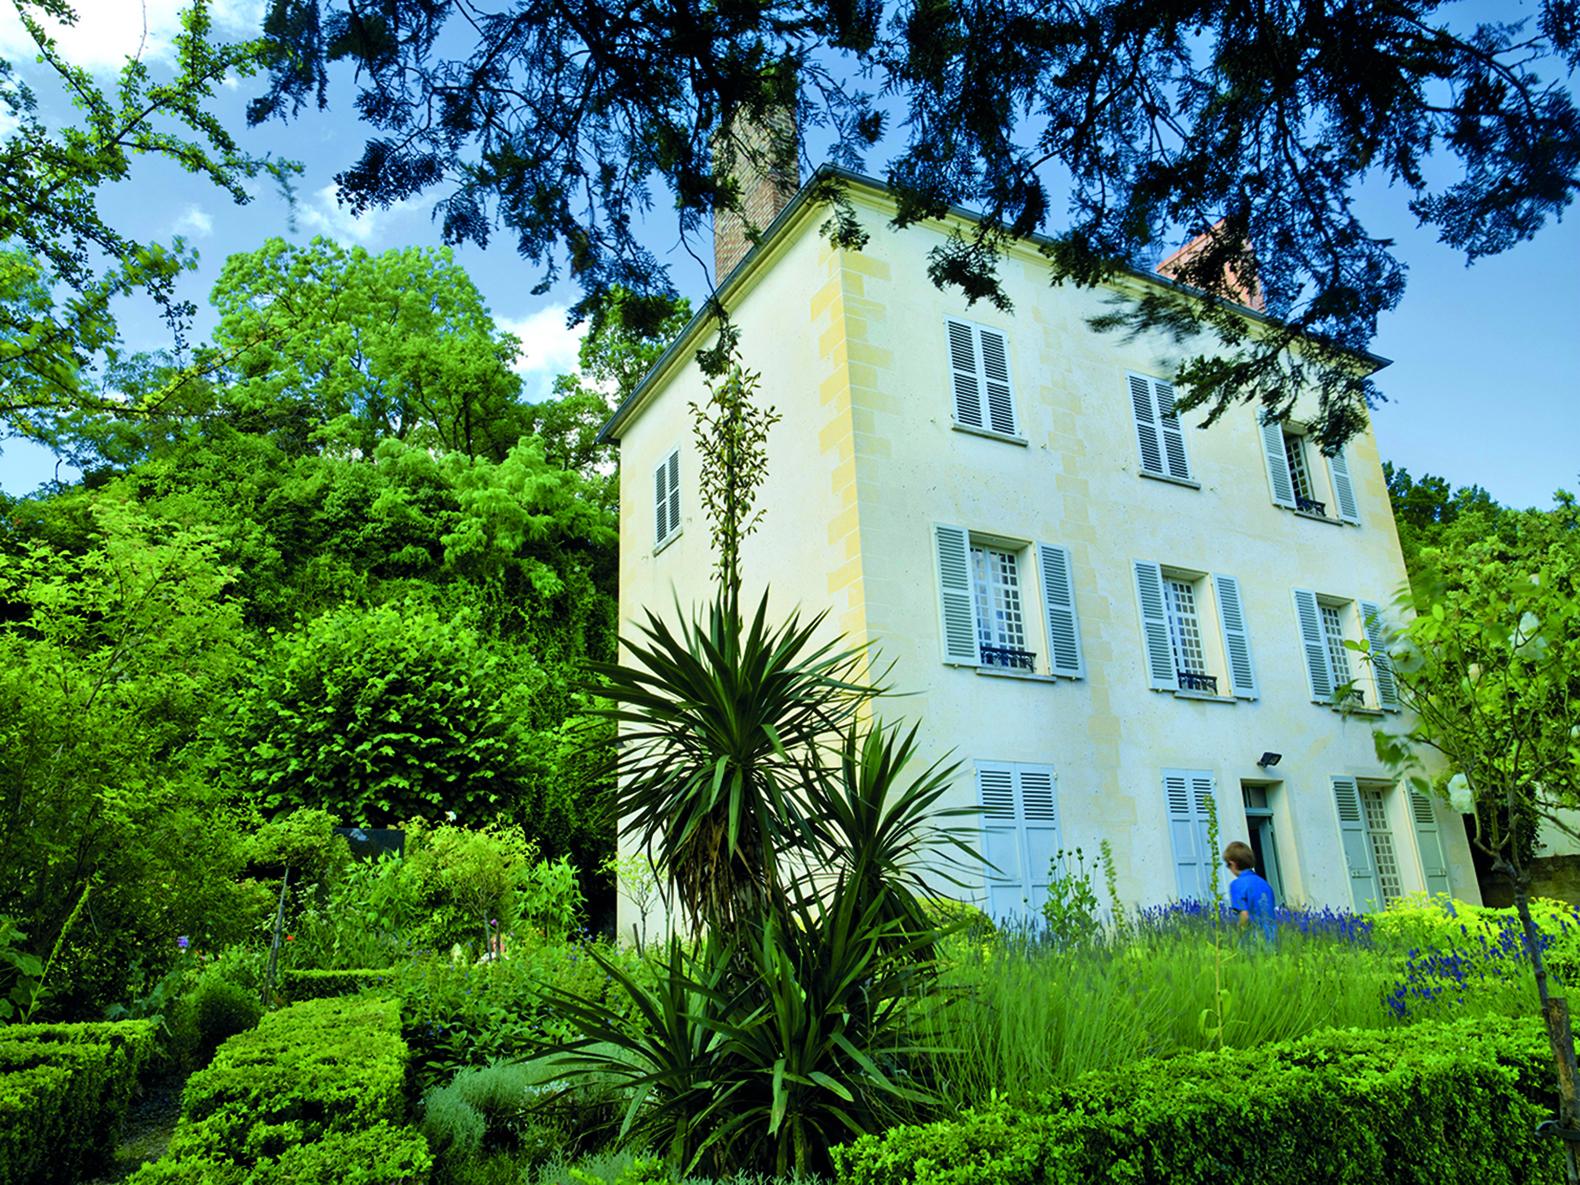 Maison du docteur Gachet © Éric Hesmerg